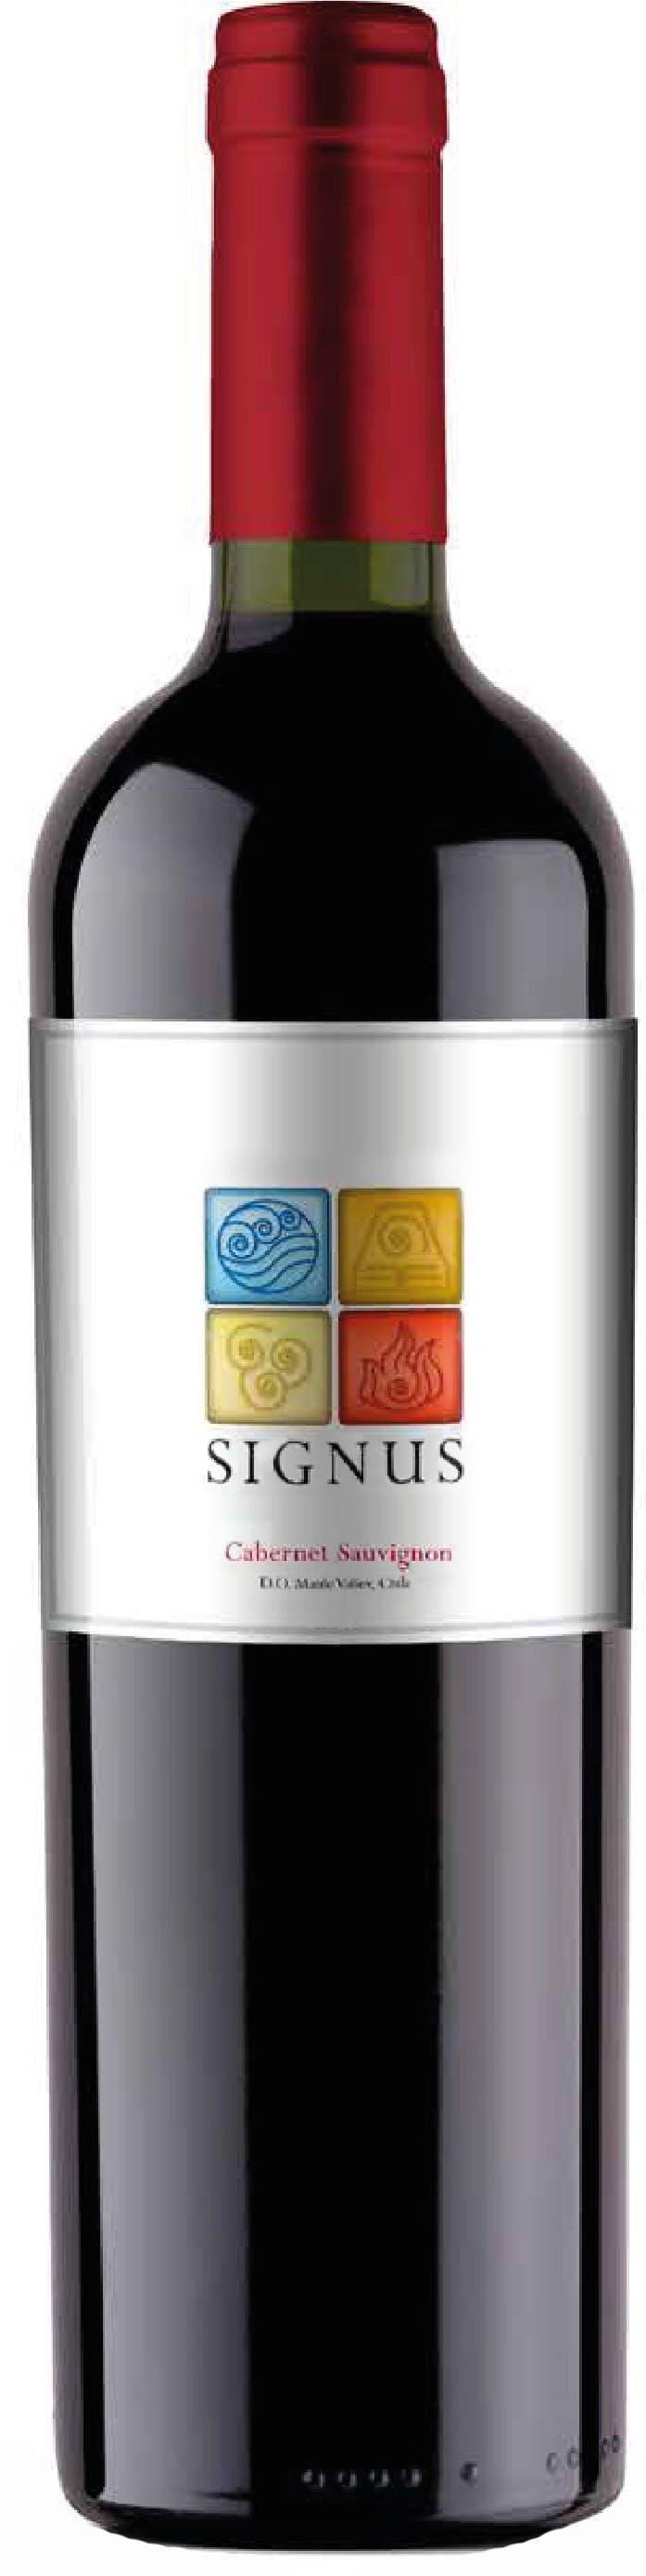 Kết quả hình ảnh cho signus cabernet sauvignon